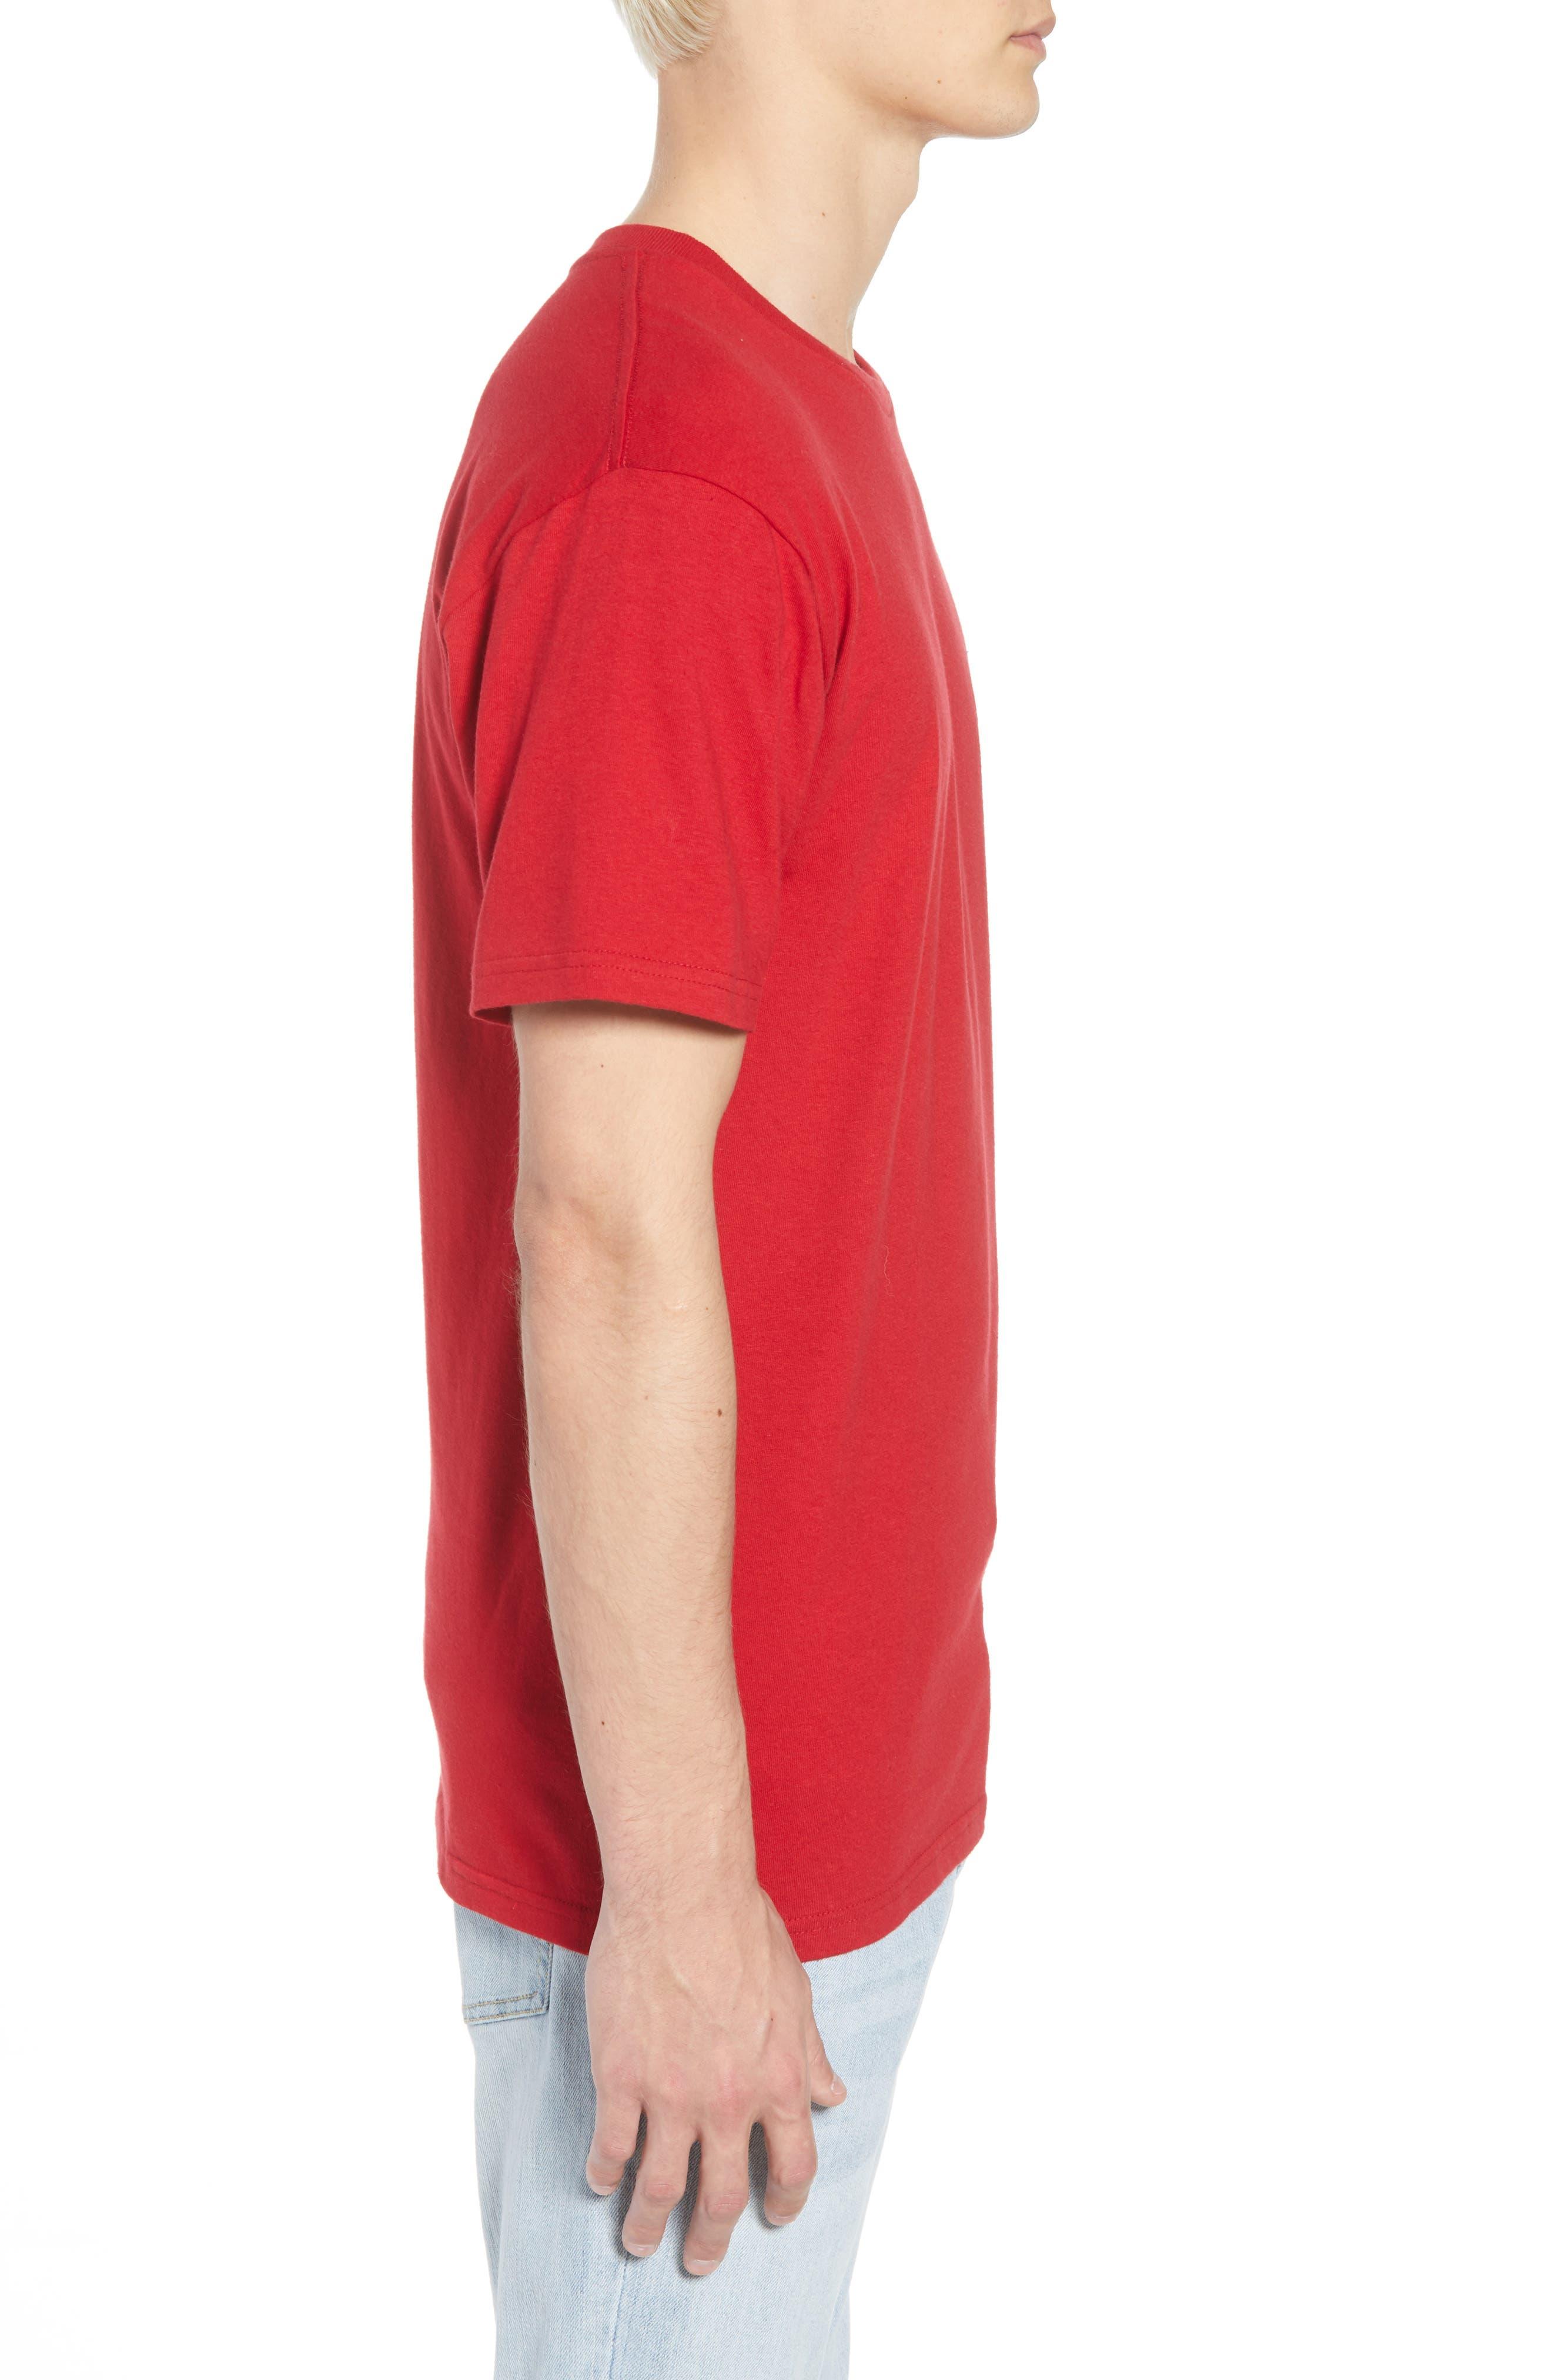 x Marvel<sup>®</sup> Iron Man T-Shirt,                             Alternate thumbnail 3, color,                             Cardinal